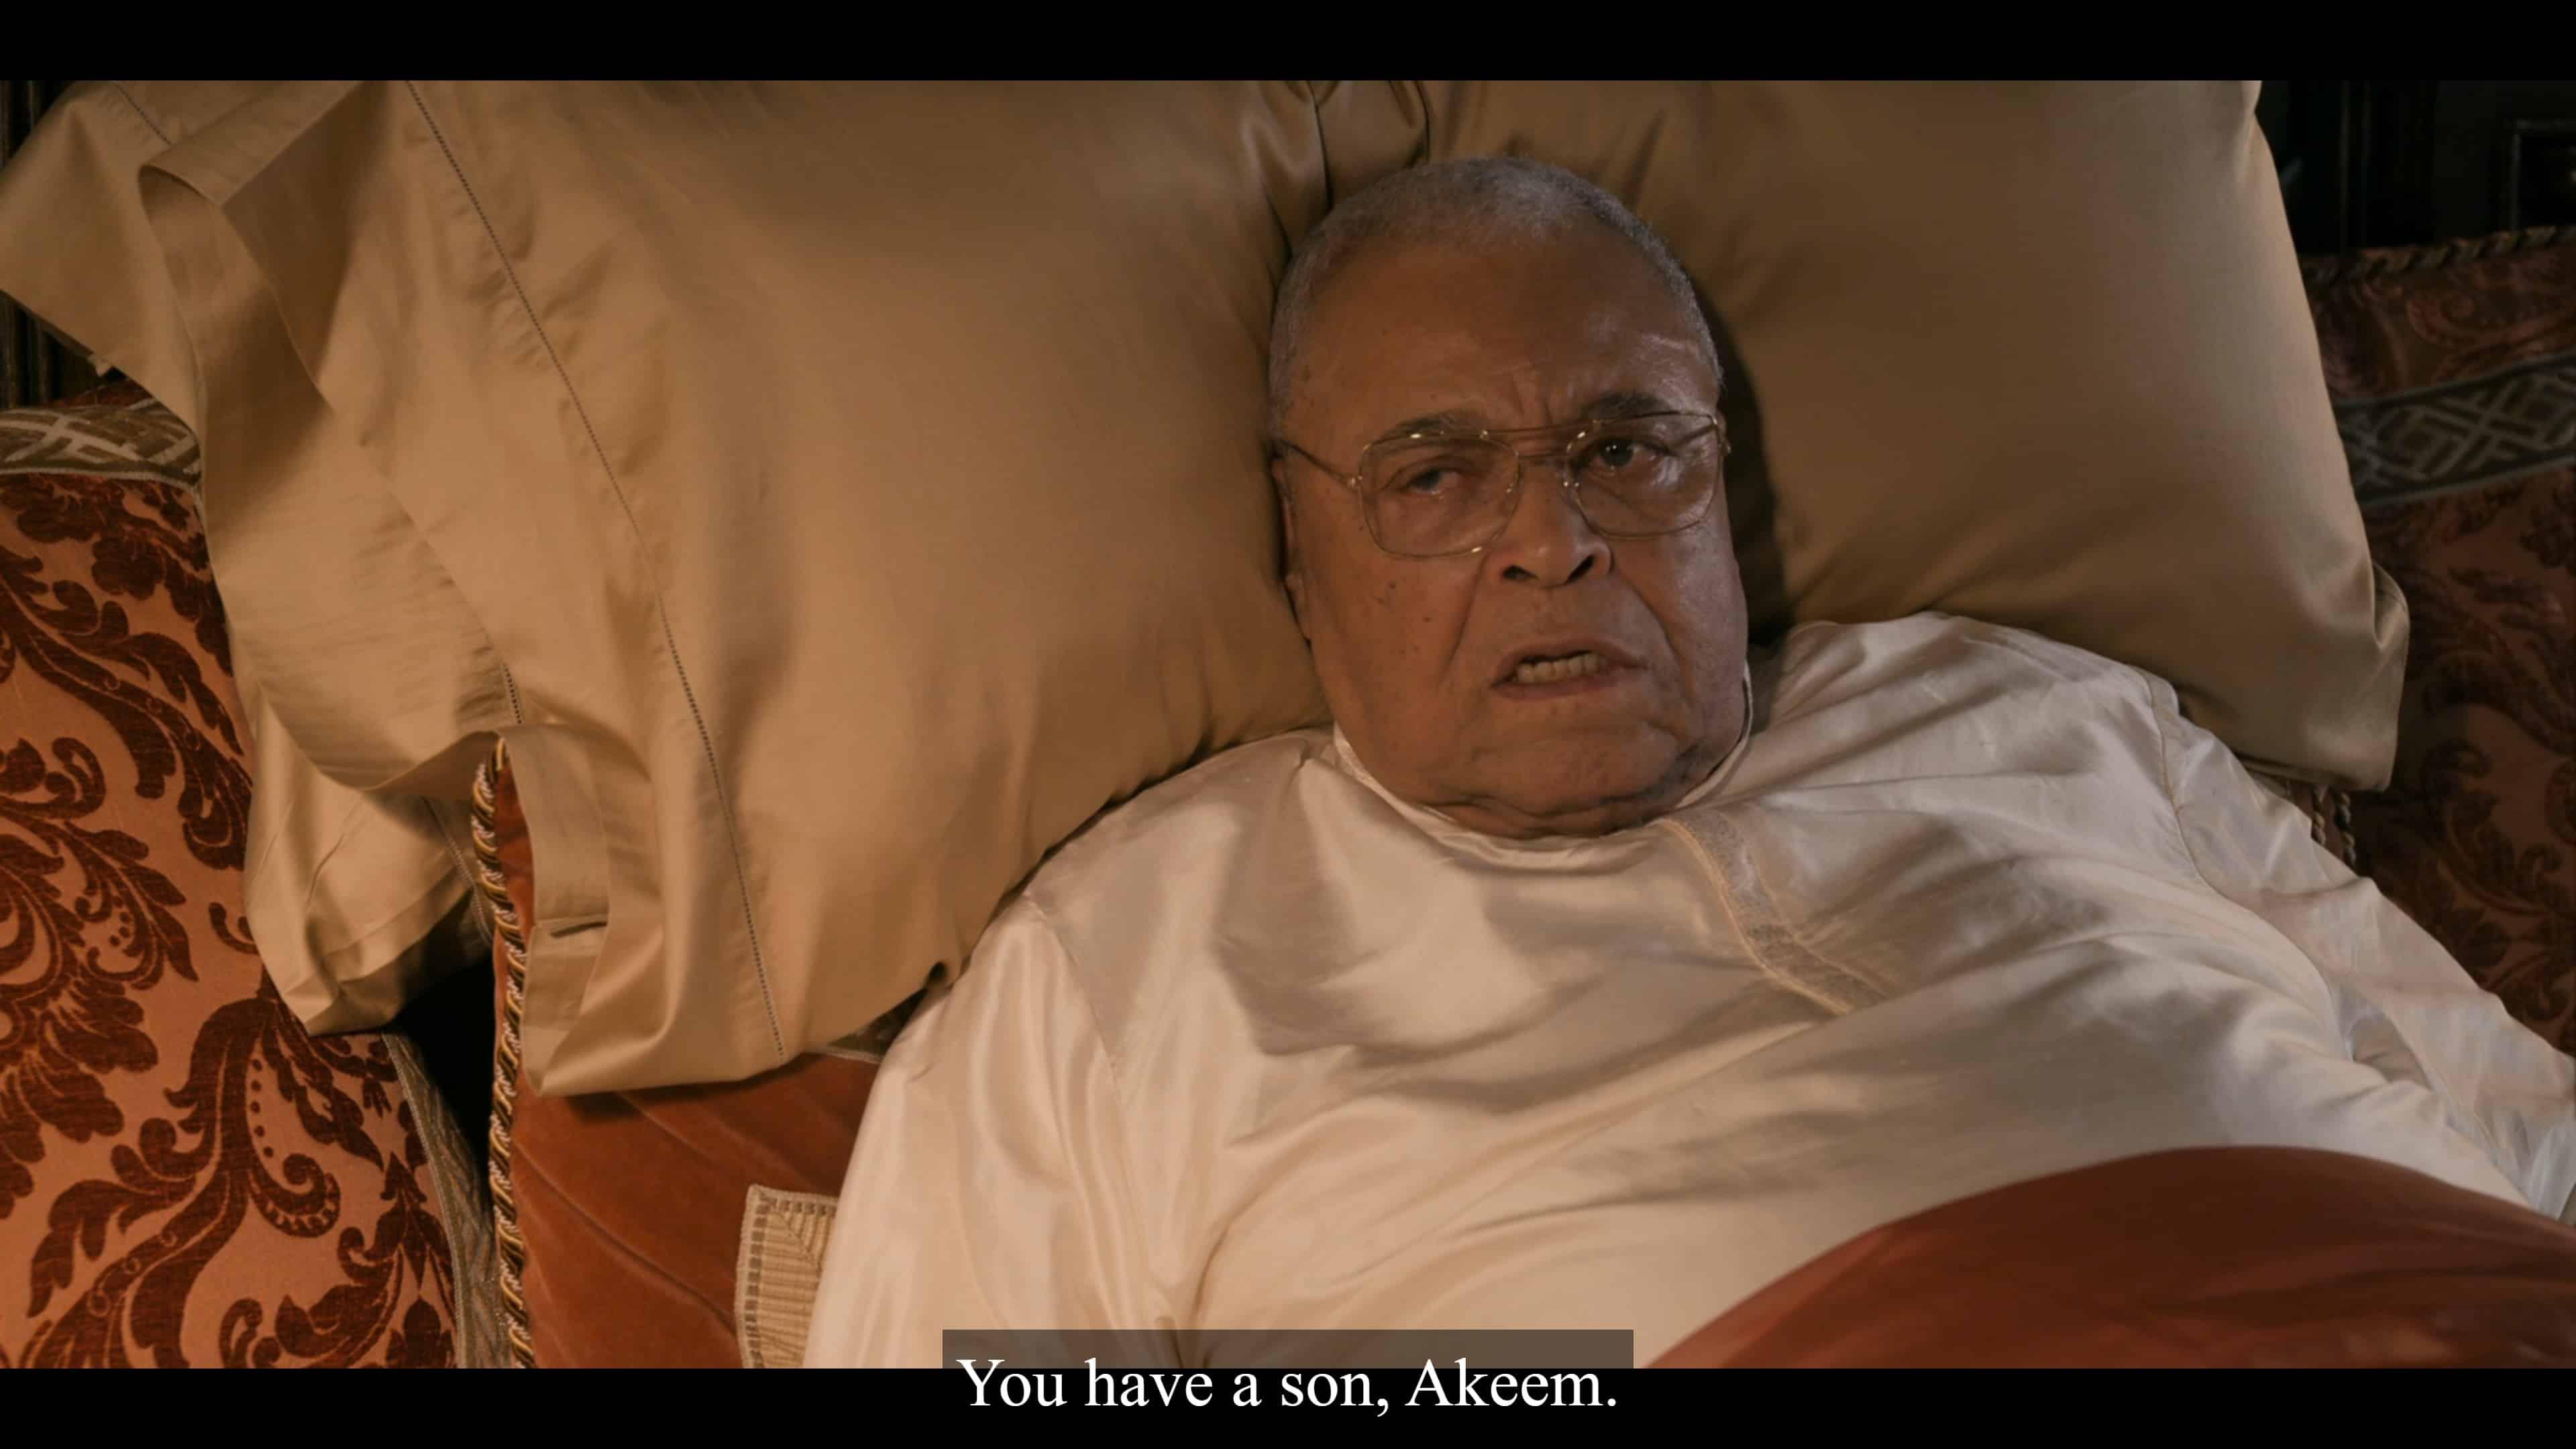 King Jaffe (James Earl Jones) telling Akeem he has a son